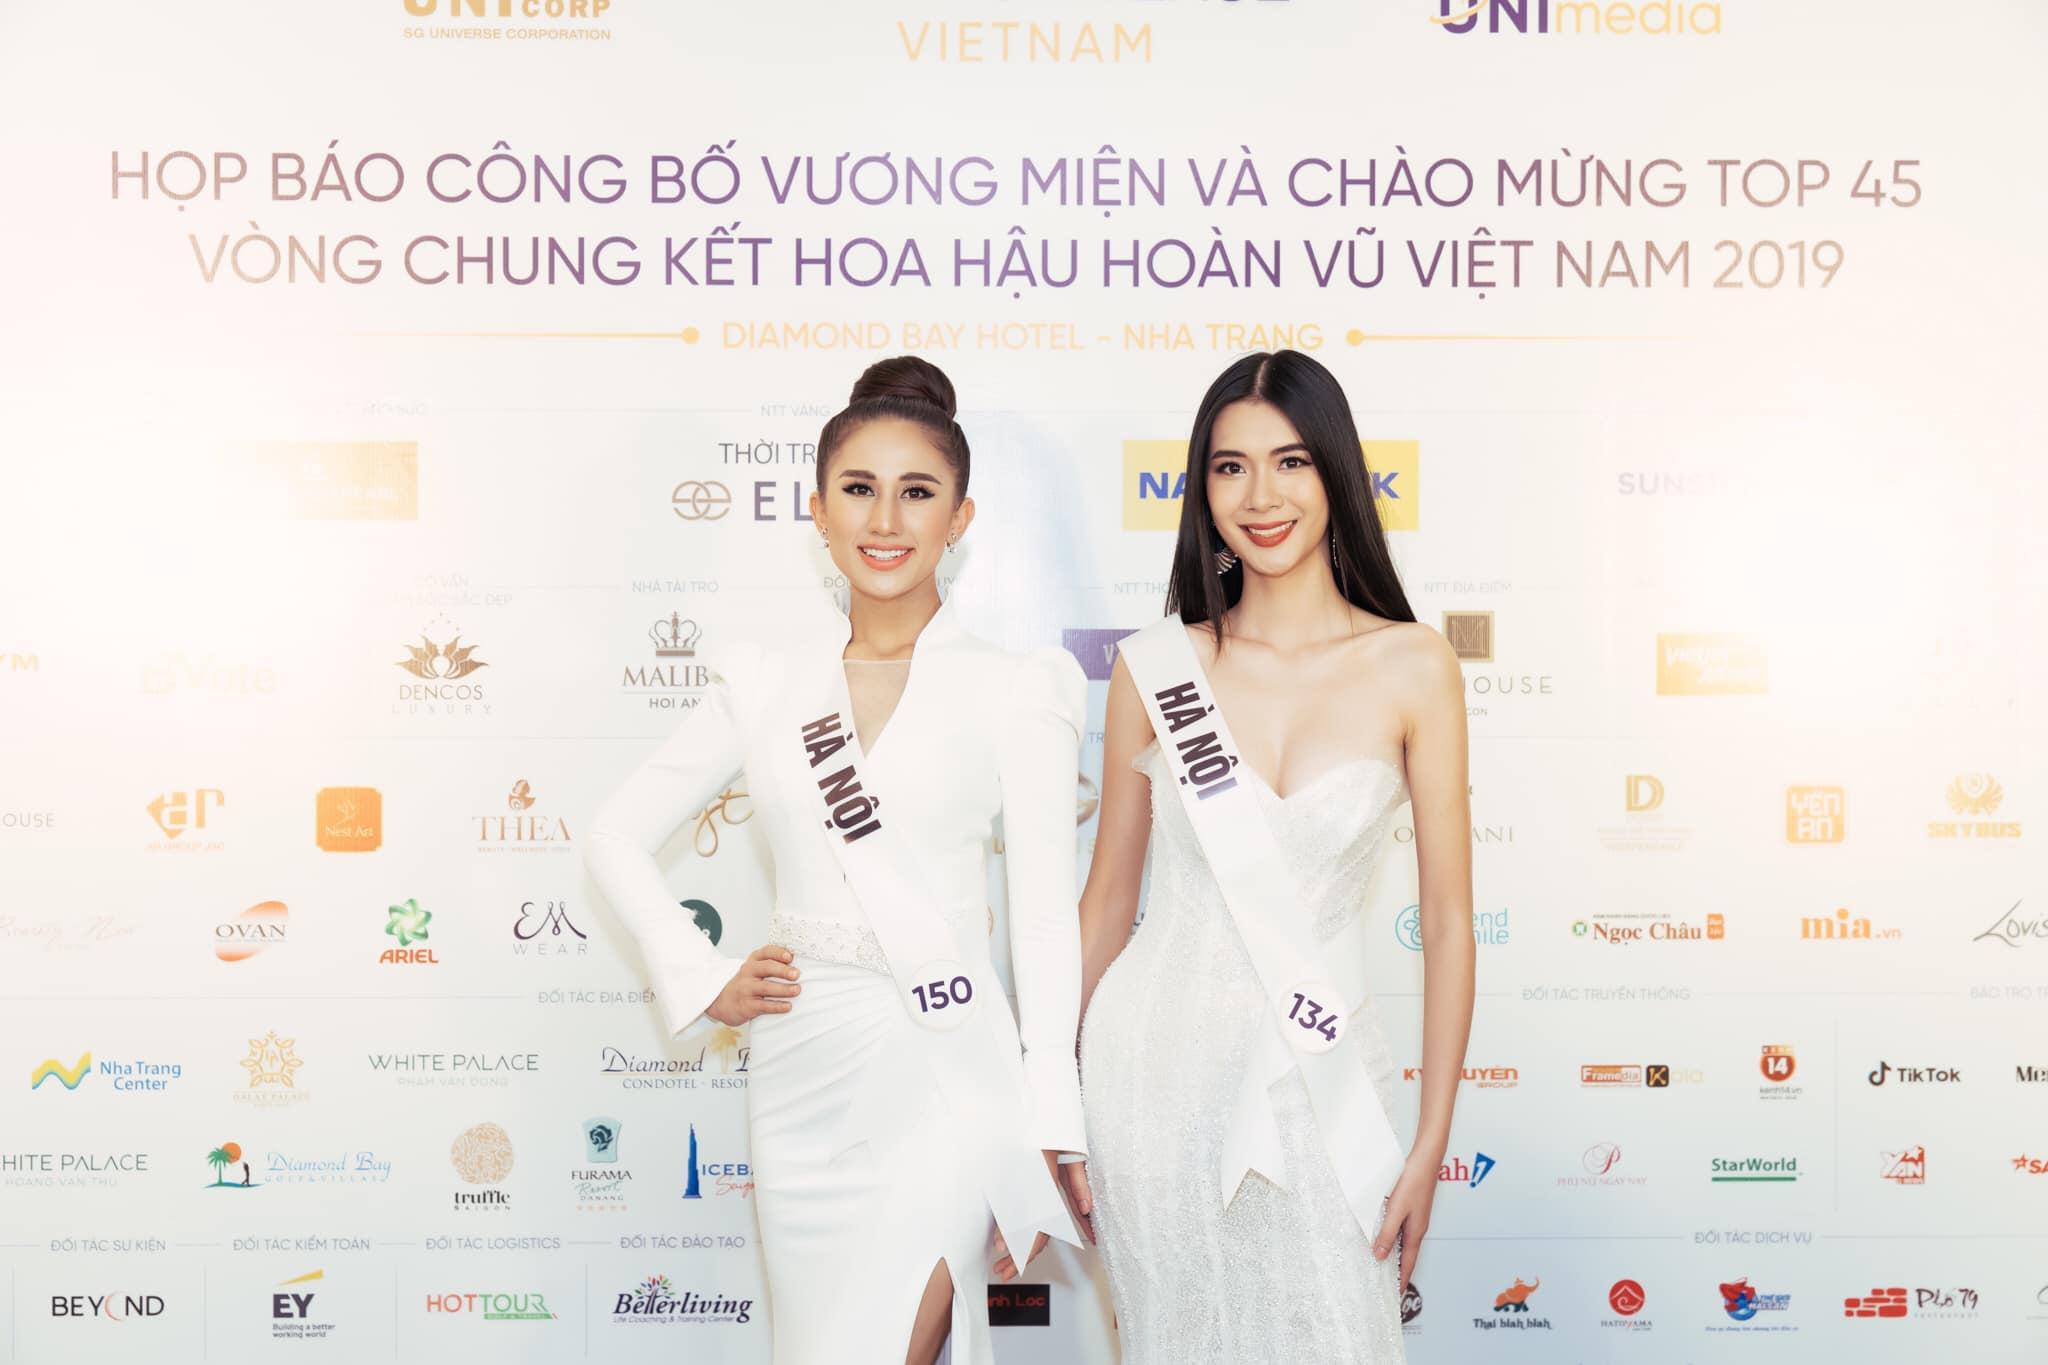 Hai thí sinh 150: Nguyễn DIANA và thí sinh 134: Lương Ý Như